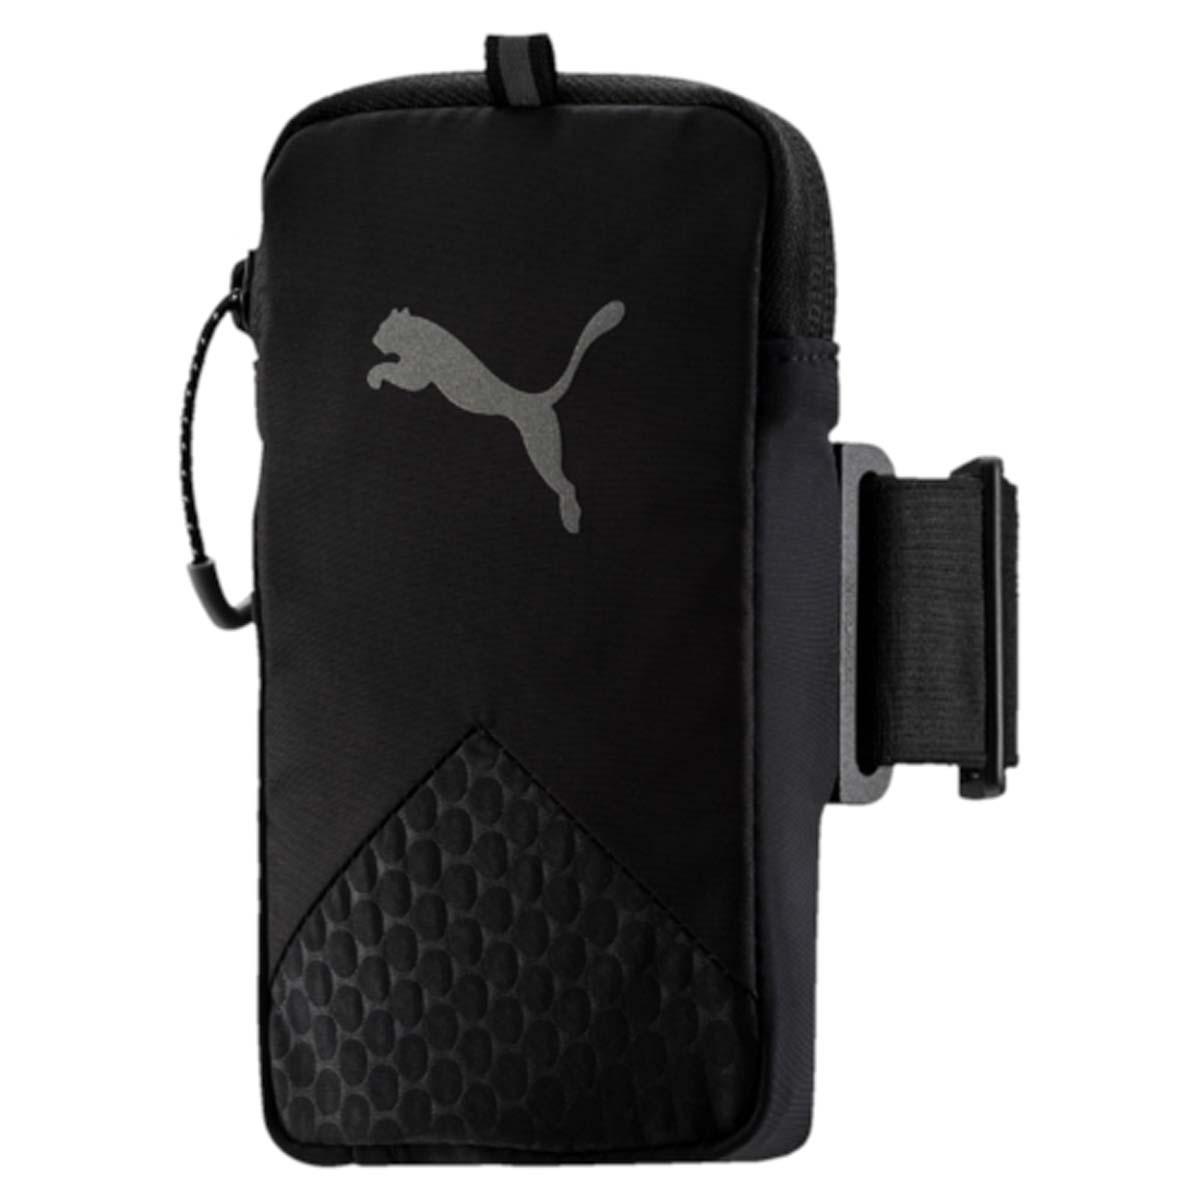 Сумка-чехол для мобильных устройств Puma Pr Arm Pocket, цвет: черный. 0531420151991952Чехол на руку PR Arm Pocket - это незаменимый аксессуар для спортсменов и людей, ведущих активный образ жизни. Изделие предназначено для ношения смартфона. Оно крепится к плечу на эластичном ремне и оснащено специальным выходом для подключения наушников или гарнитуры. Подходит для электронных устройств размером 8 см x 14 см. Основное отделение на застежке-молнии. У модели сетчатая вставка на задней части, выход для аудио-кабеля, светоотражающие шнурки на застежках-молниях, светоотражающий логотип бренда.